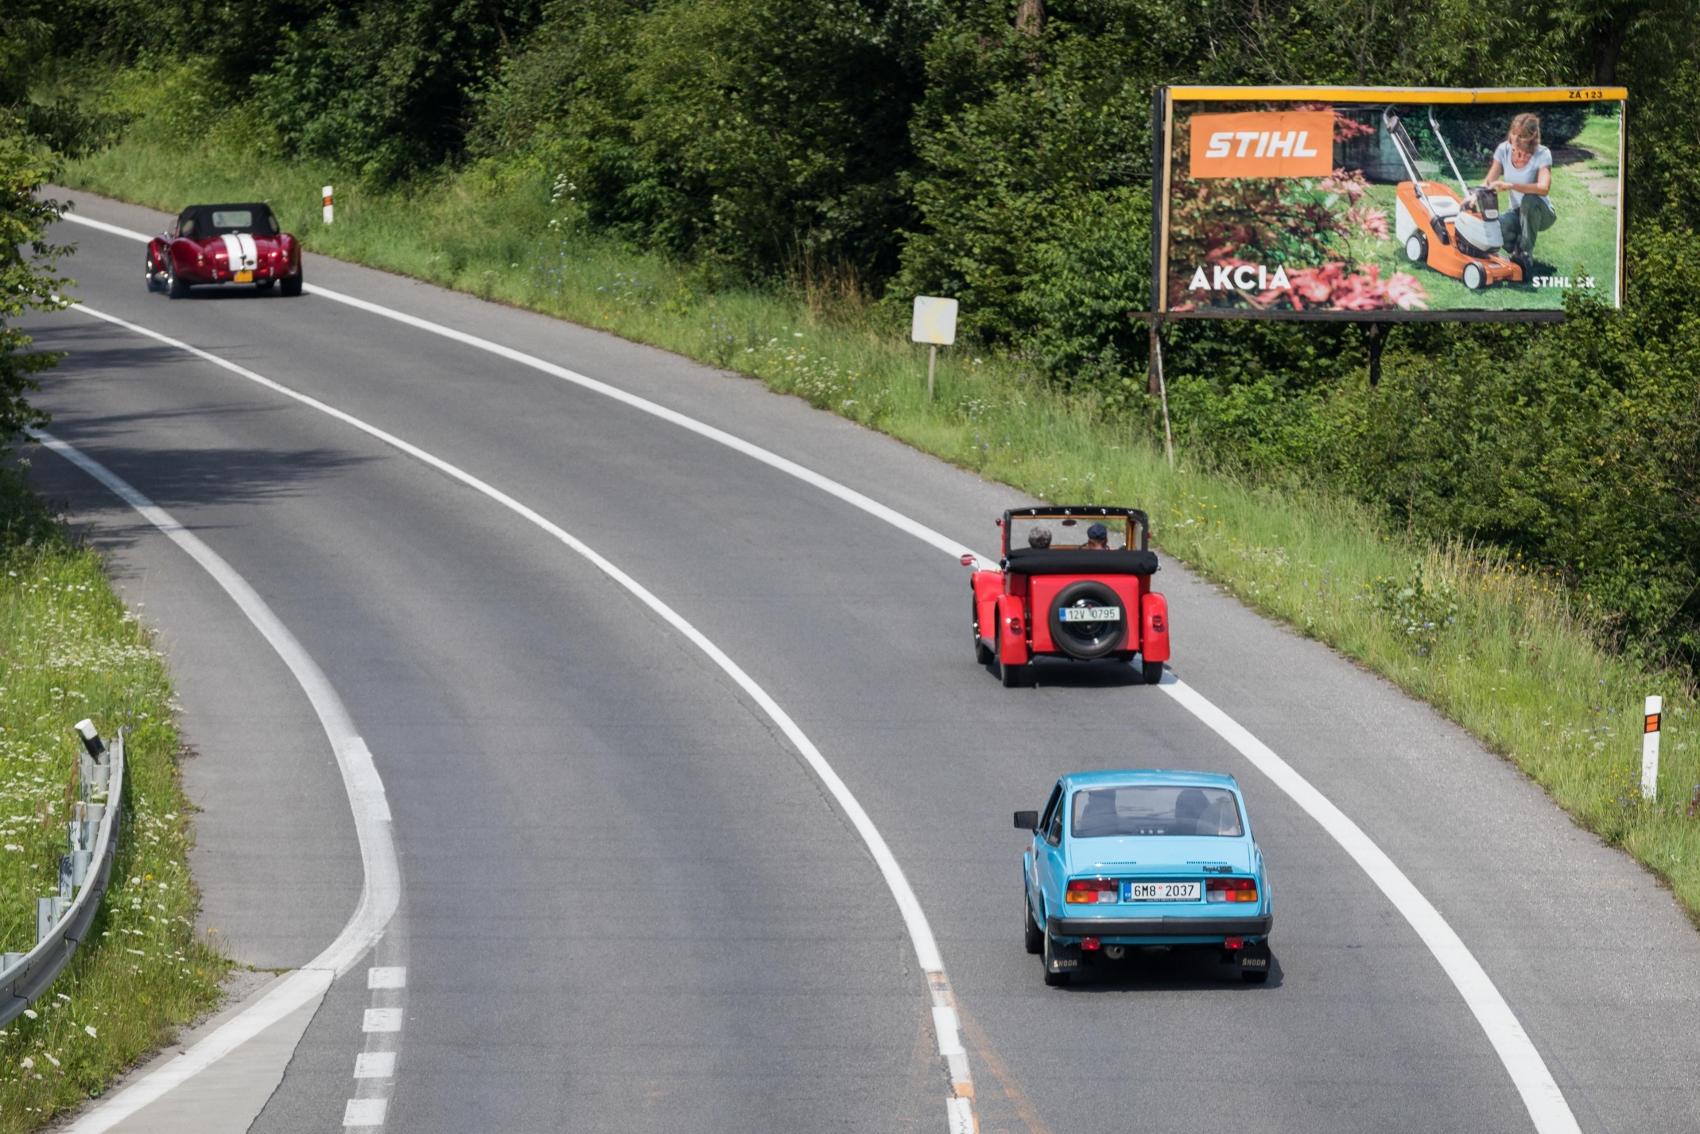 Pozrite si galériu z podujatia Beskyd Rallye – memoriál Ladislava Dlhopolčeka 2020 isKpwK27Ec turzov